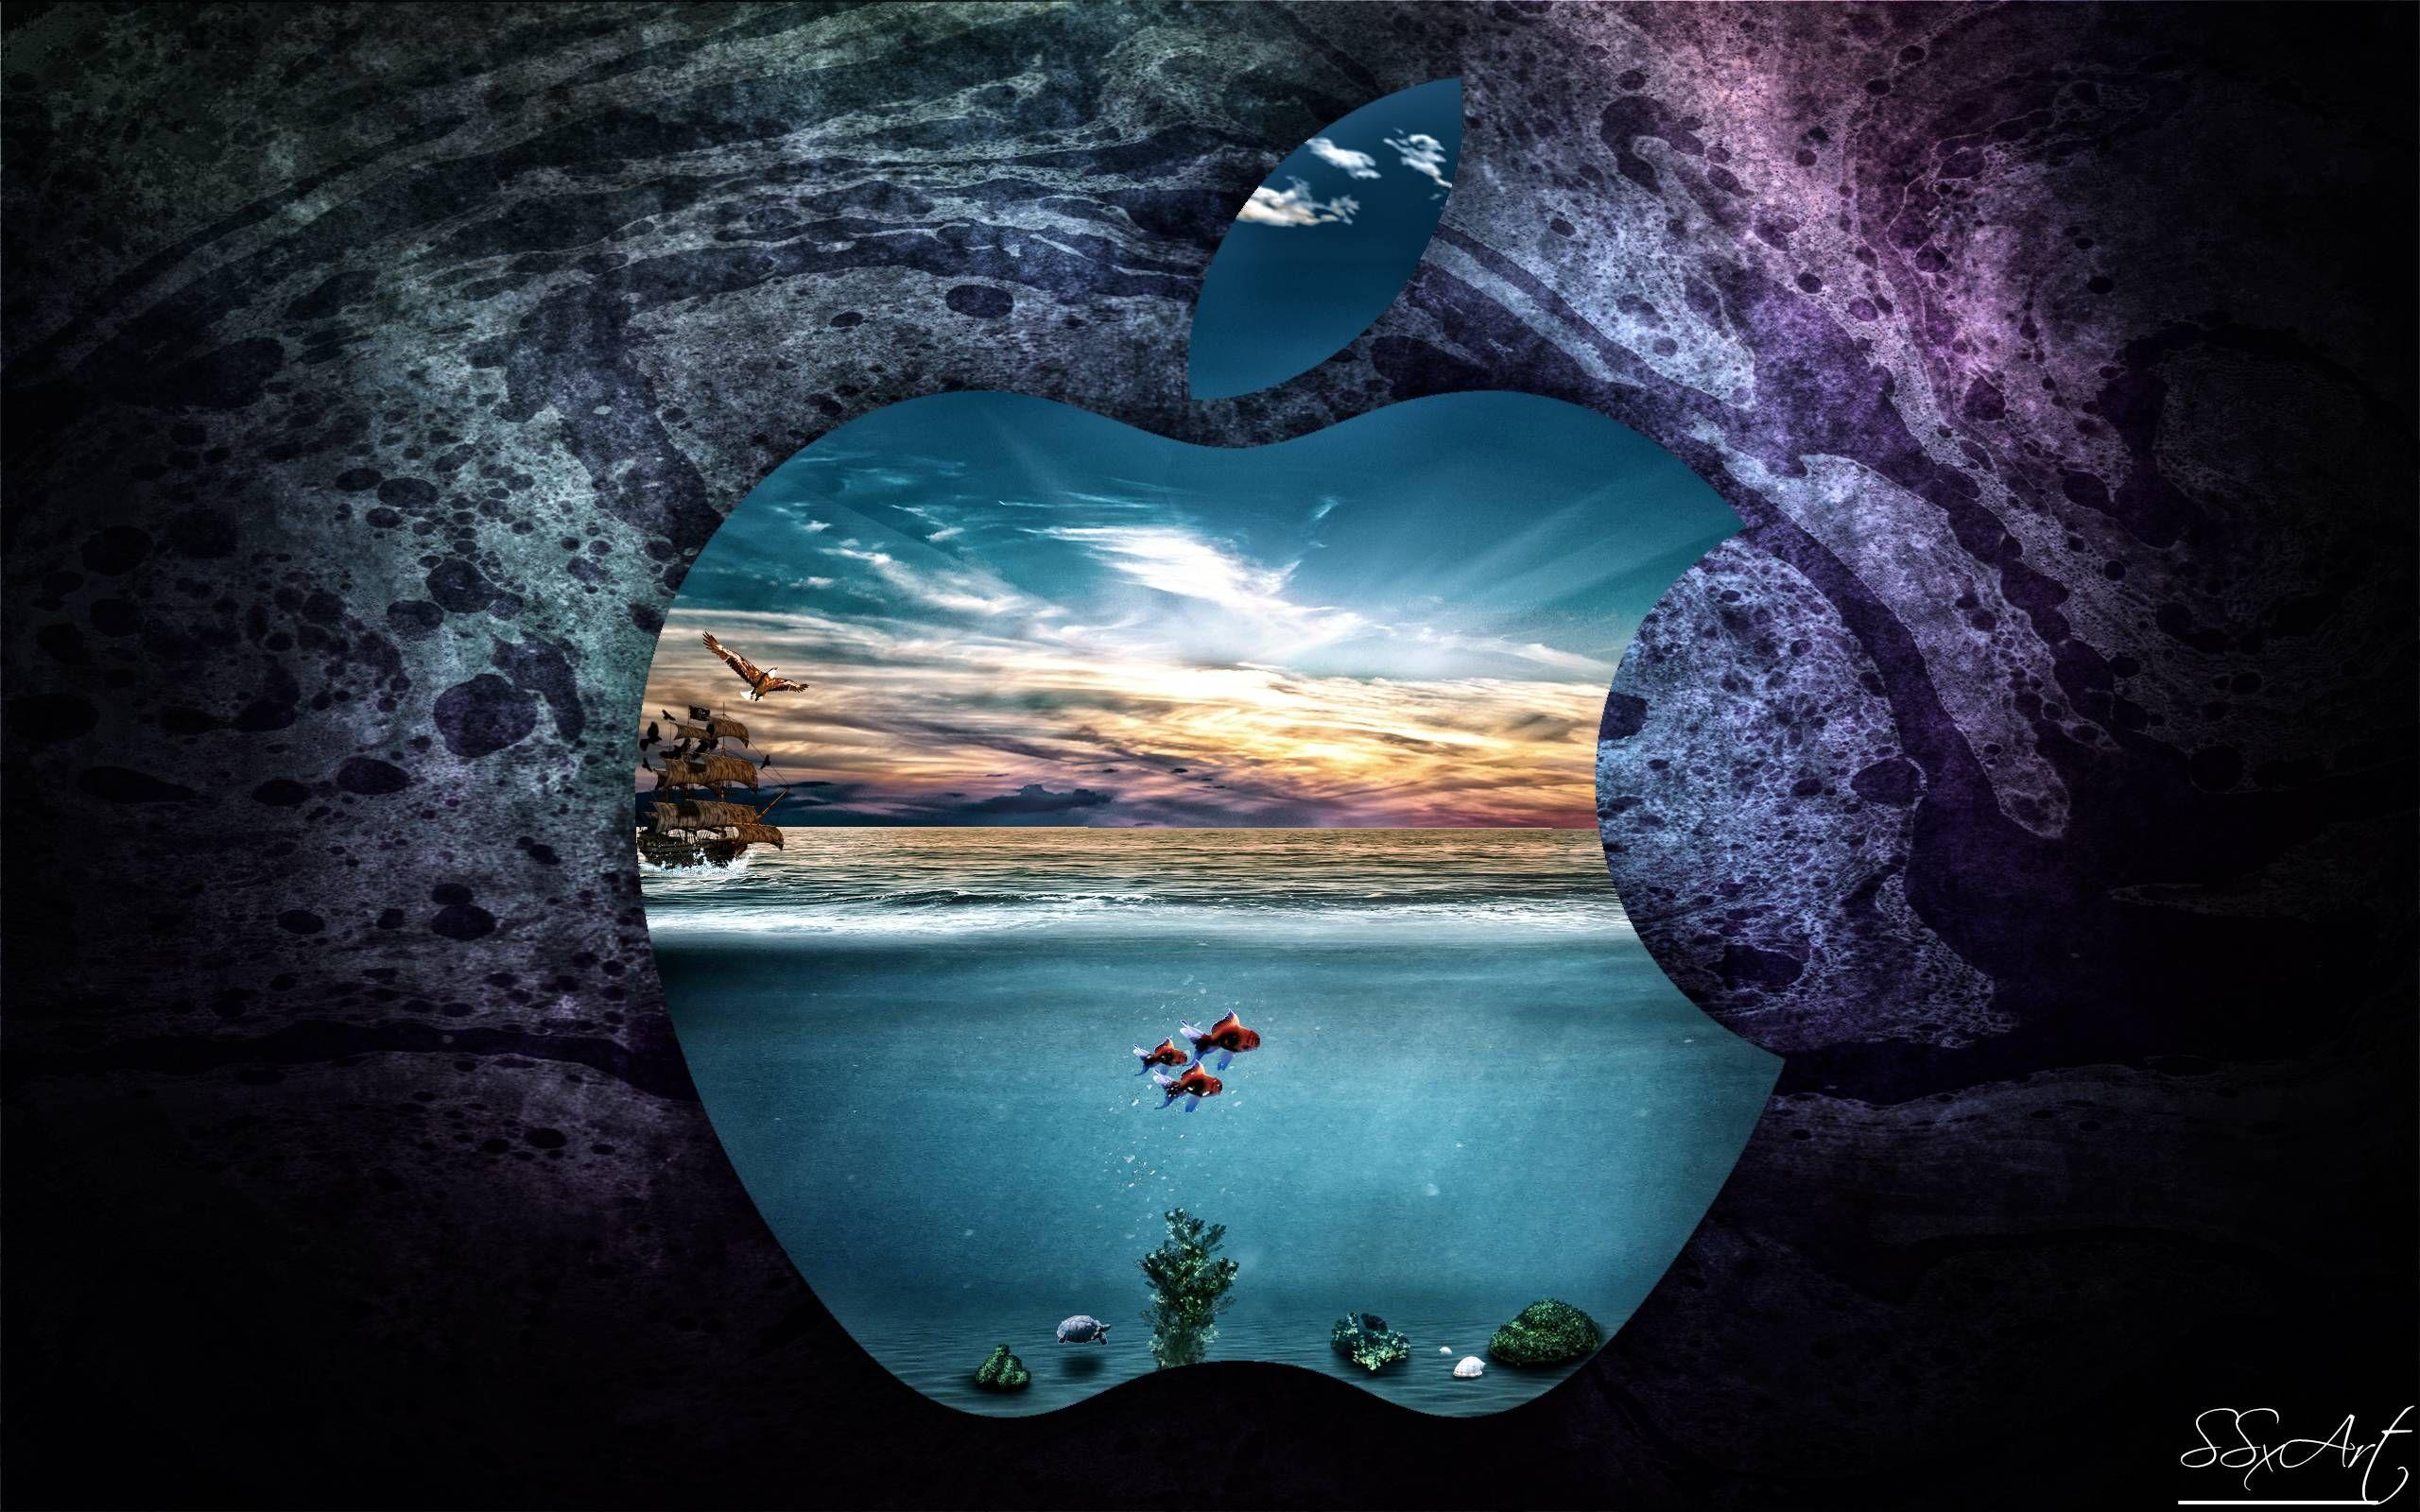 Macbook Macbook Pro With Retina Display Wallpapers Hd Wallpaper Imac 27 Hd Wallpaper Backgrounds Download